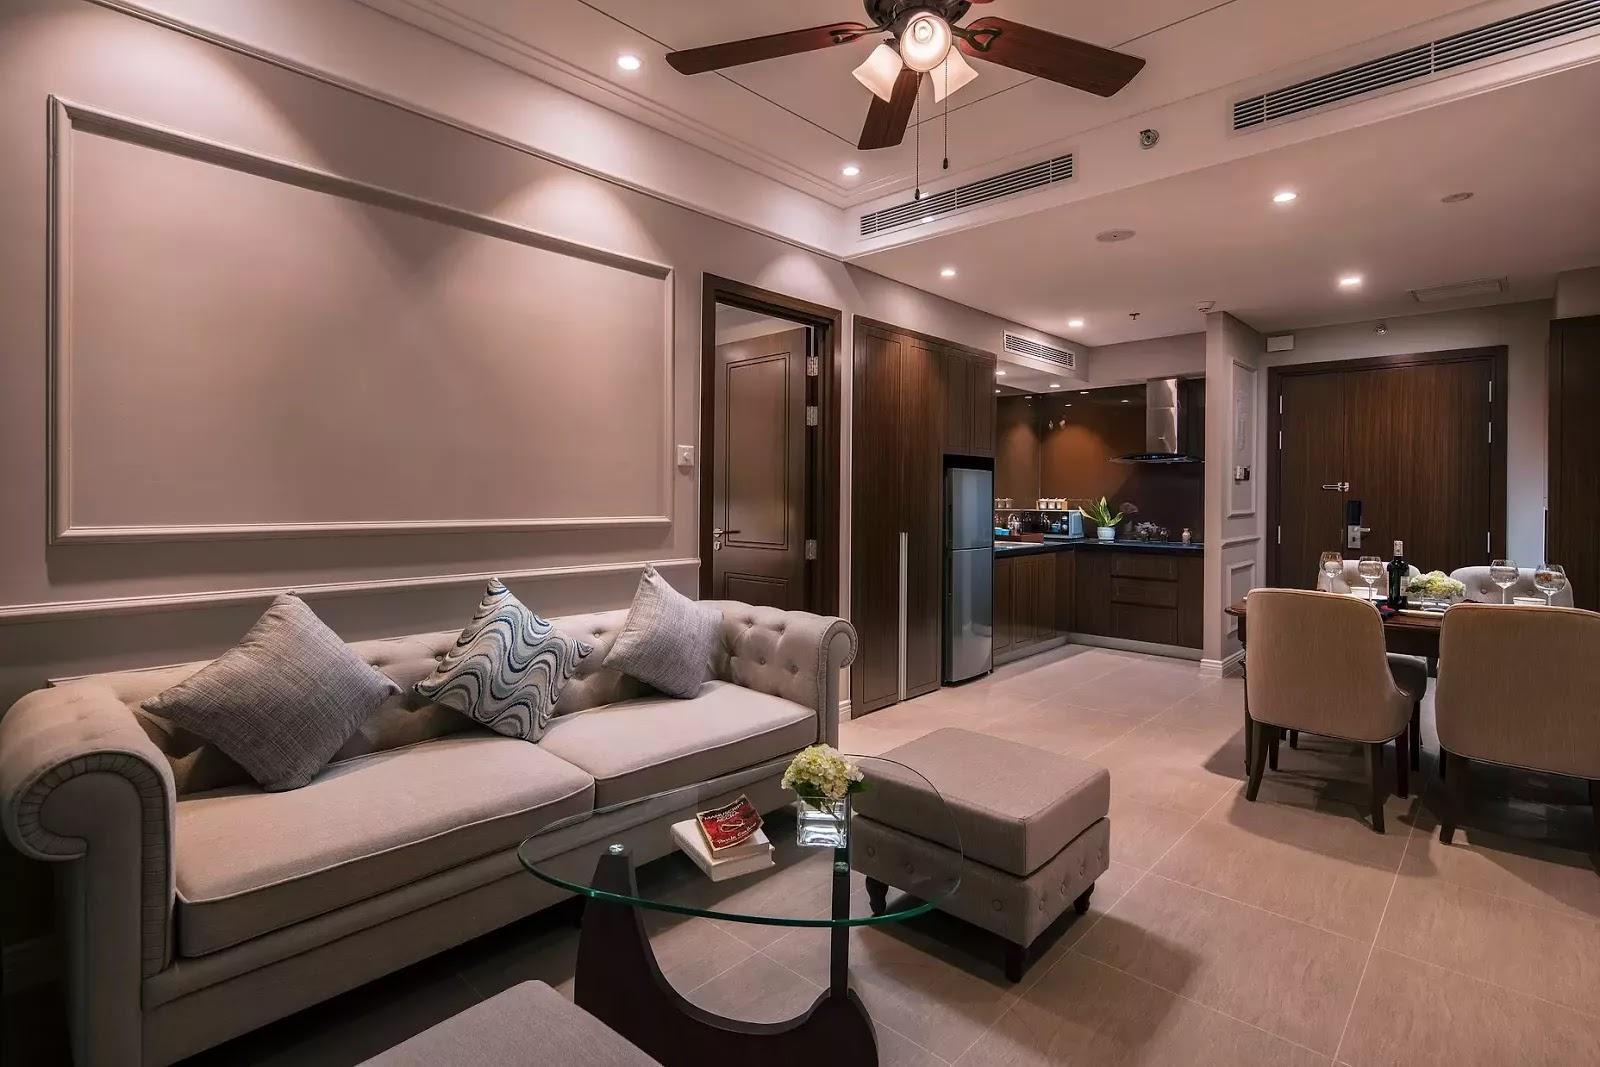 Căn hộ 05 dự án Luxury Apartment Đà Nẵng